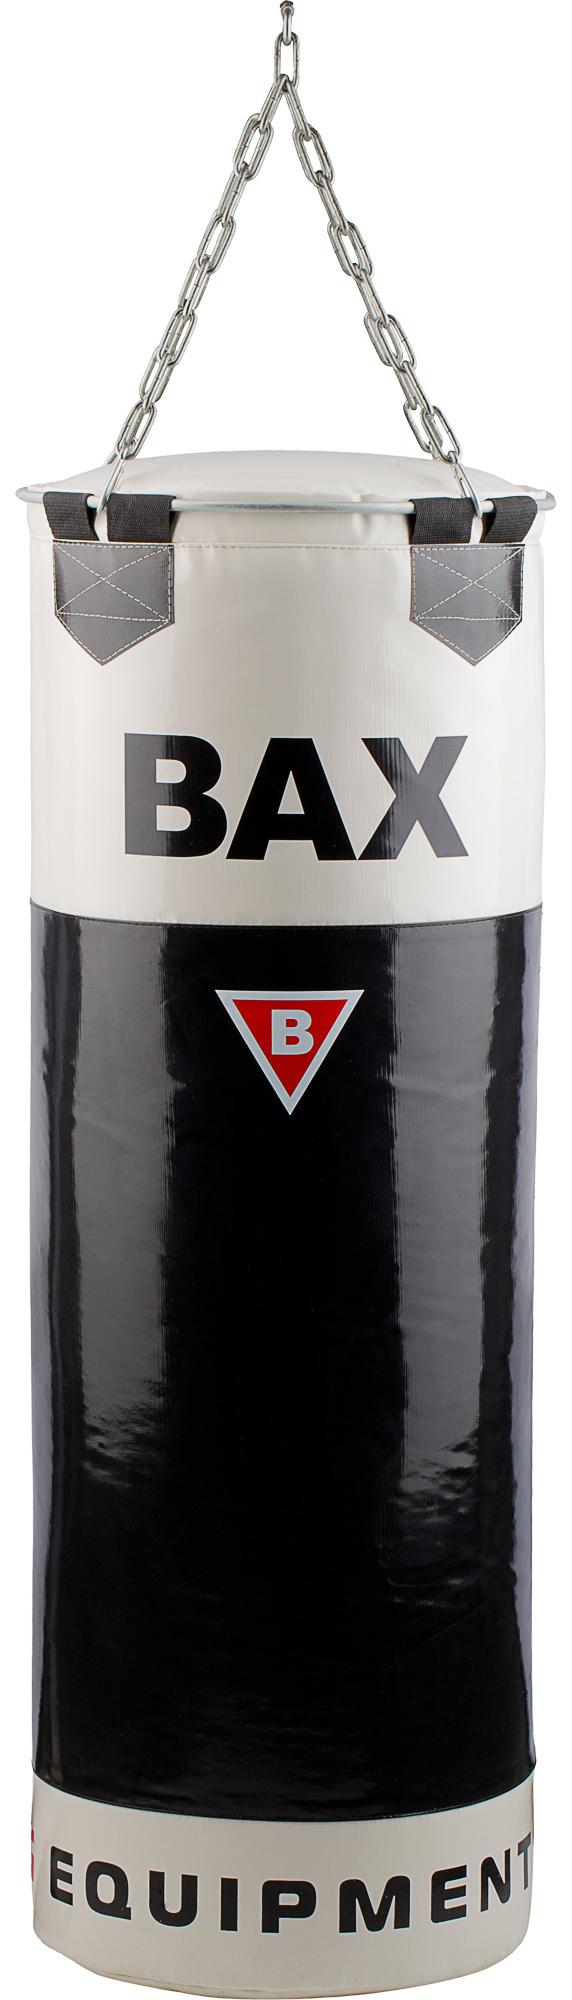 Bax Мешок набивной Bax, 80 кг